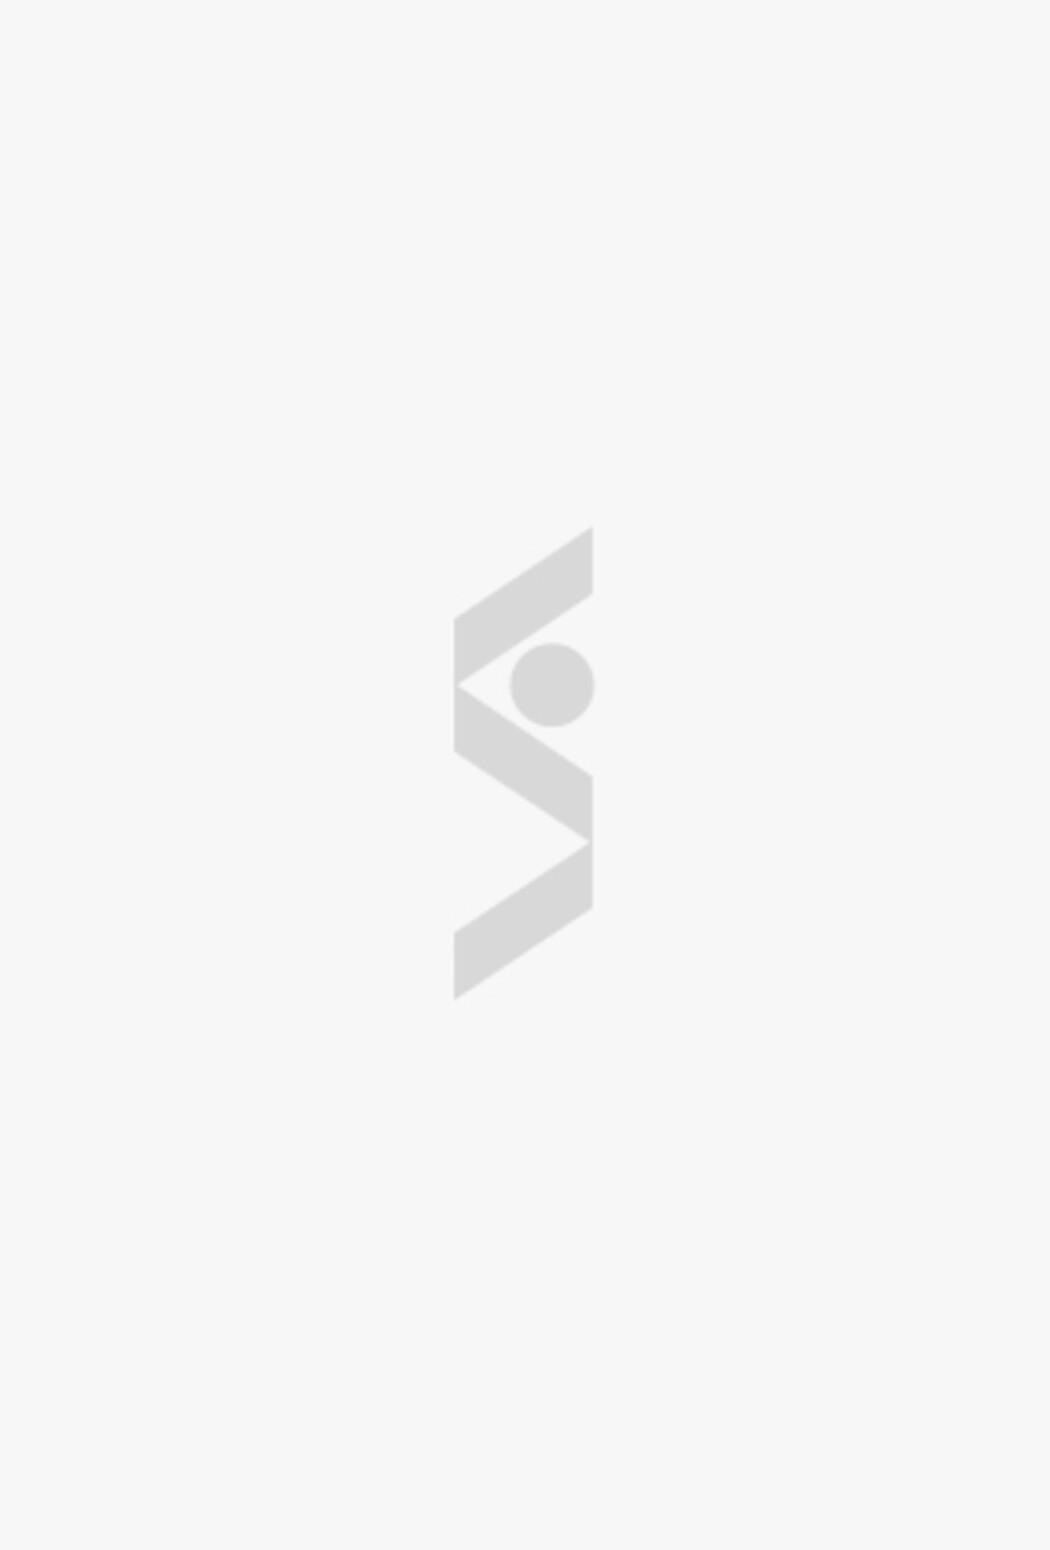 Хлопковый комбинезон с утеплителем Artie - цена 1740 ₽ купить в интернет-магазине СТОКМАНН в Москве